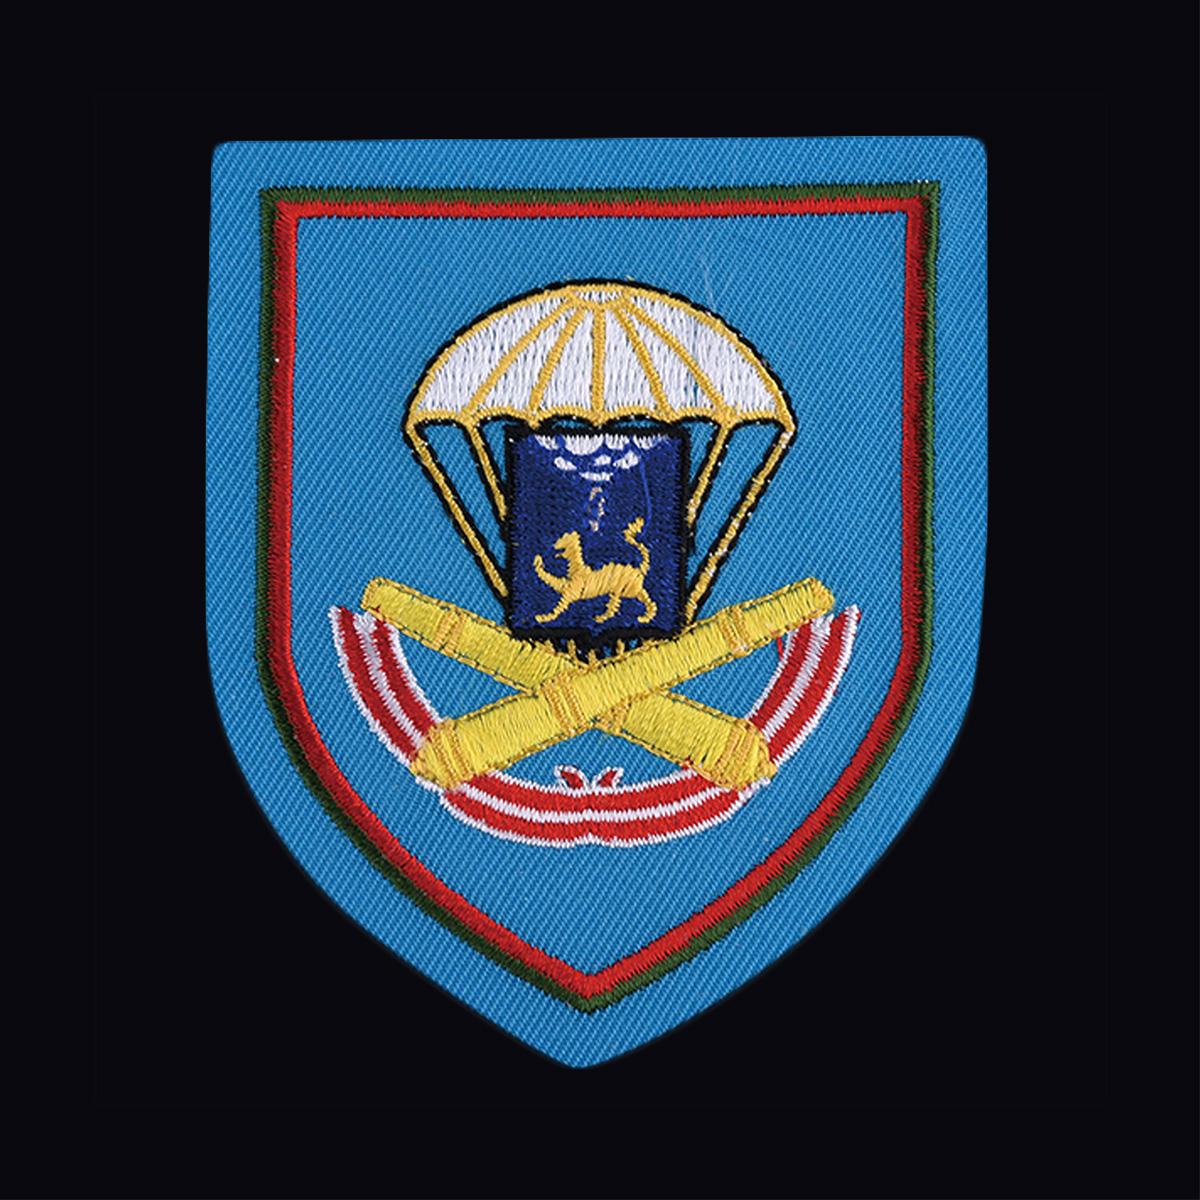 Мужская военная футболка с вышитым знаком ВДВ 1140 Артполк 76-й гв. ДШД - купить онлайн